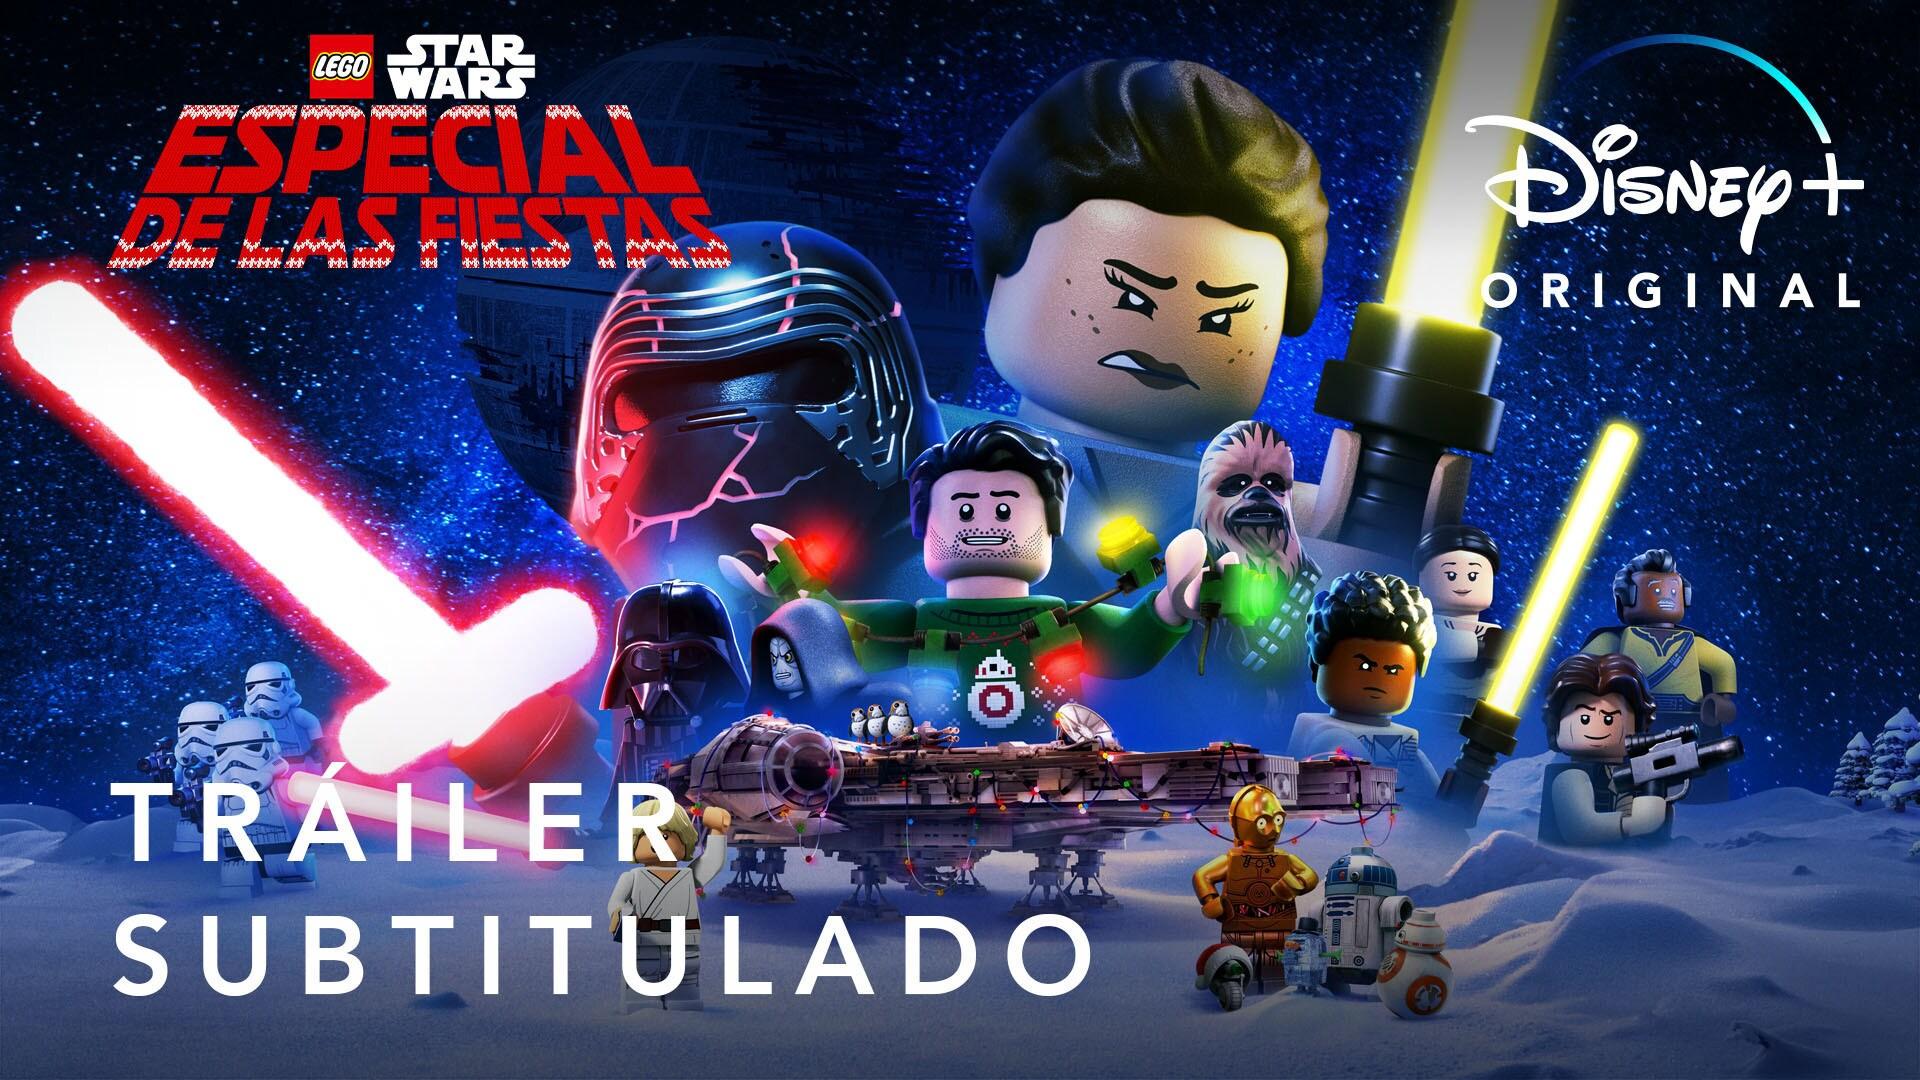 Especial de Navidad de Lego Star Wars   Diciembre en Disney+